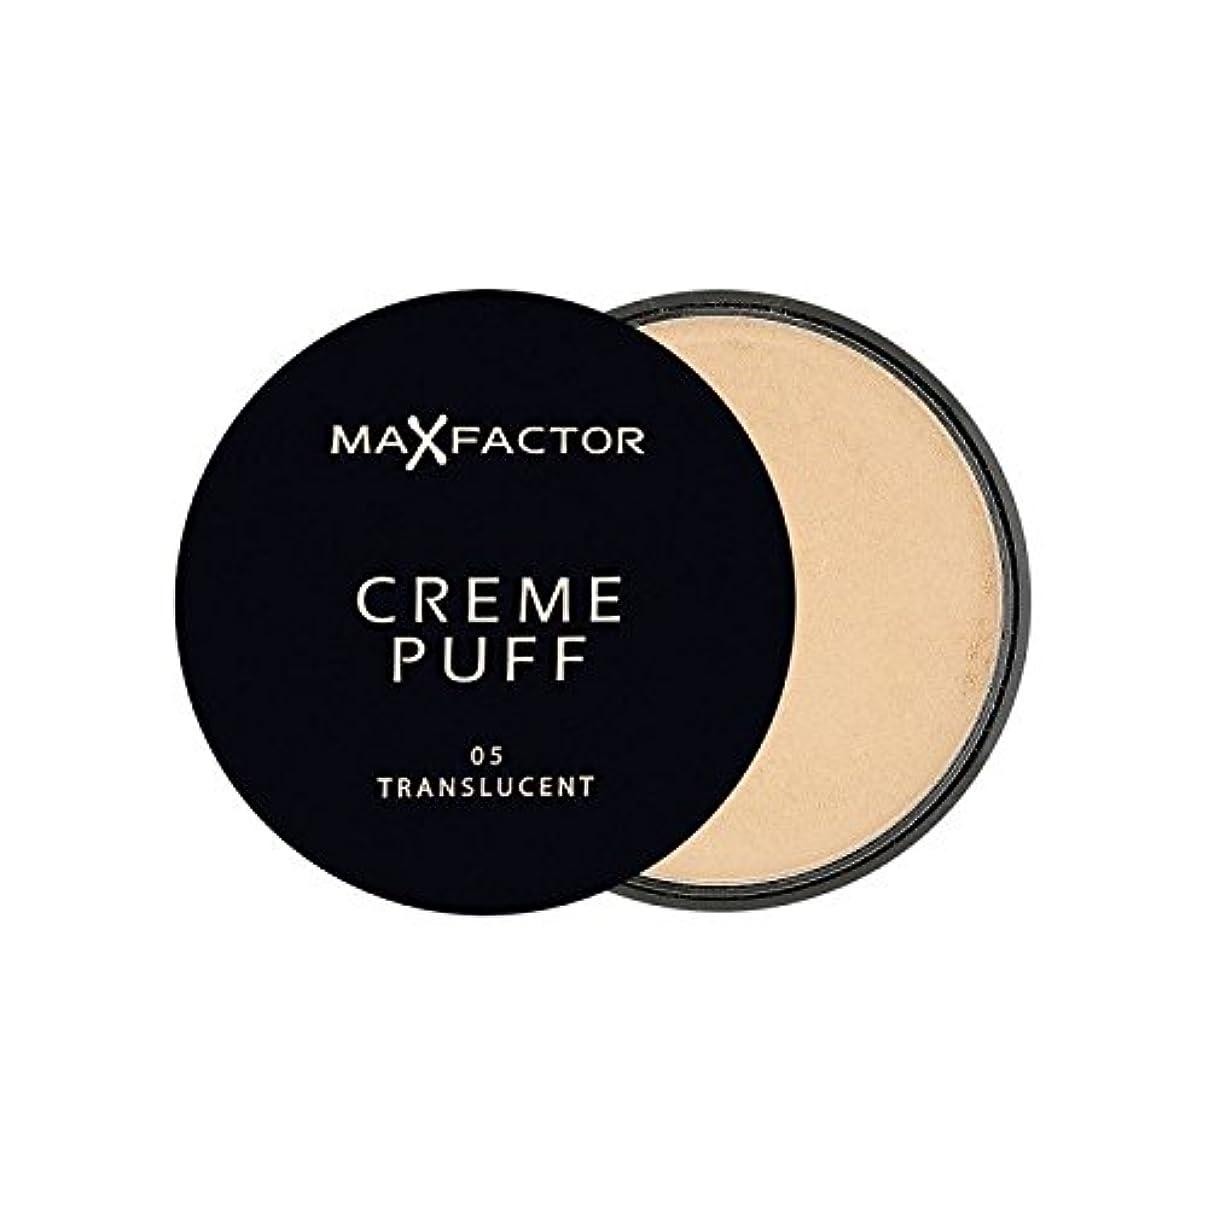 準備ができてよく話されるランチョンマックスファクタークリームパフパウダーコンパクト半透明5 x2 - Max Factor Creme Puff Powder Compact Translucent 5 (Pack of 2) [並行輸入品]